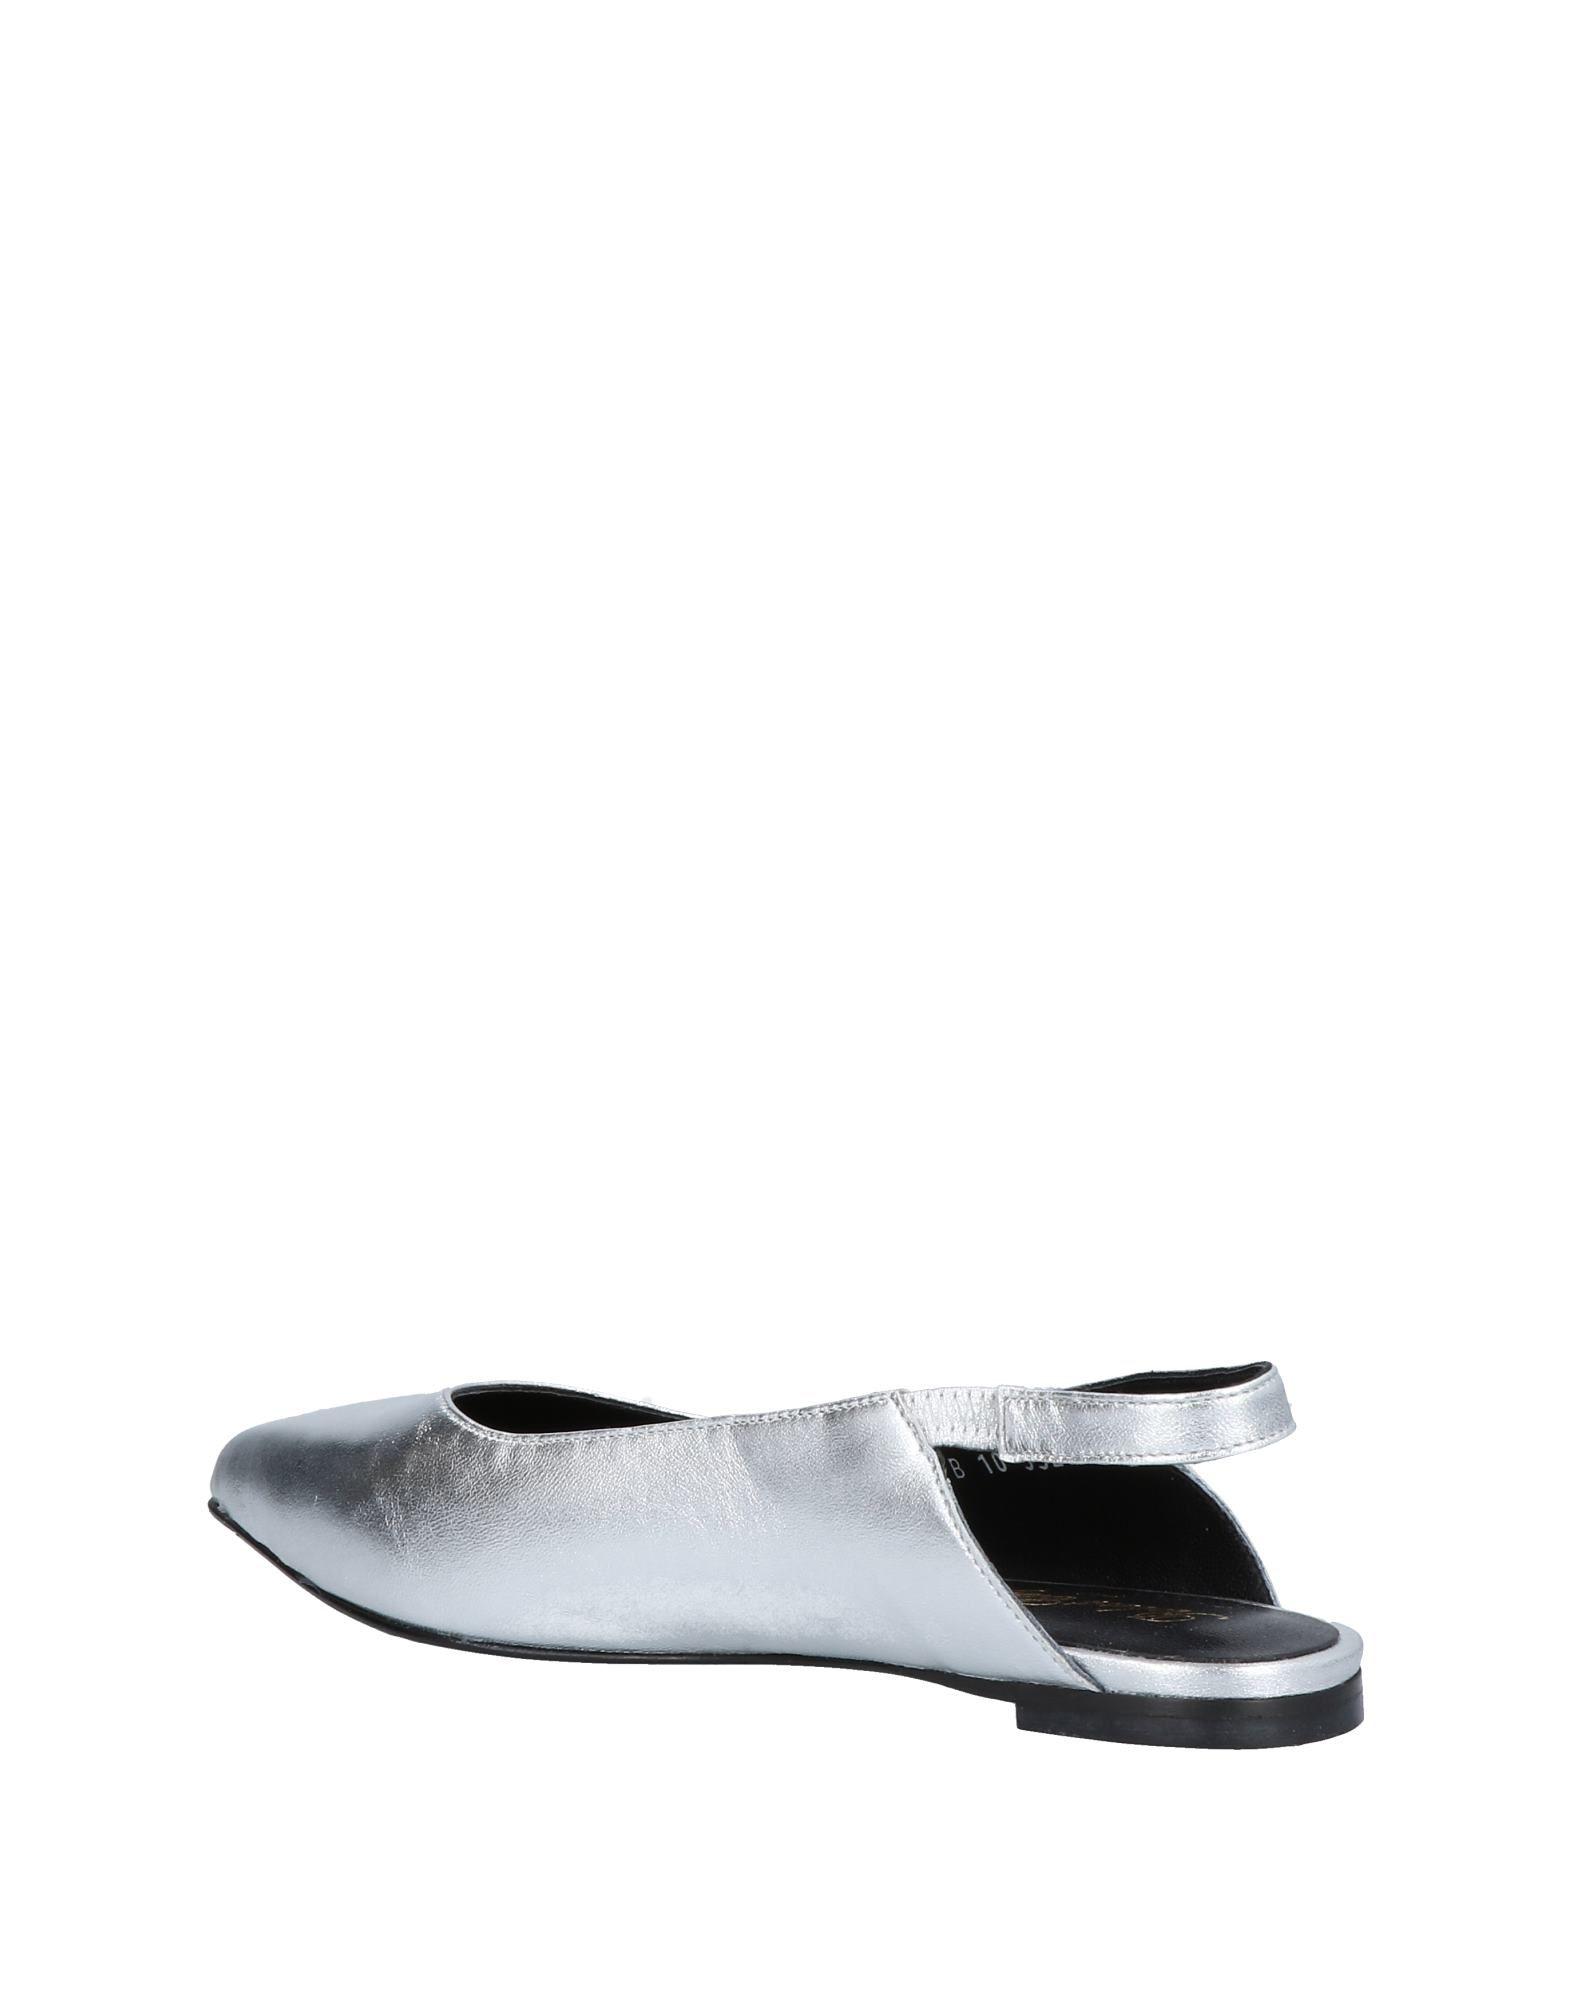 Stilvolle Stilvolle Stilvolle billige Schuhe Robert Clergerie Ballerinas Damen  11460701LQ 76a1f8